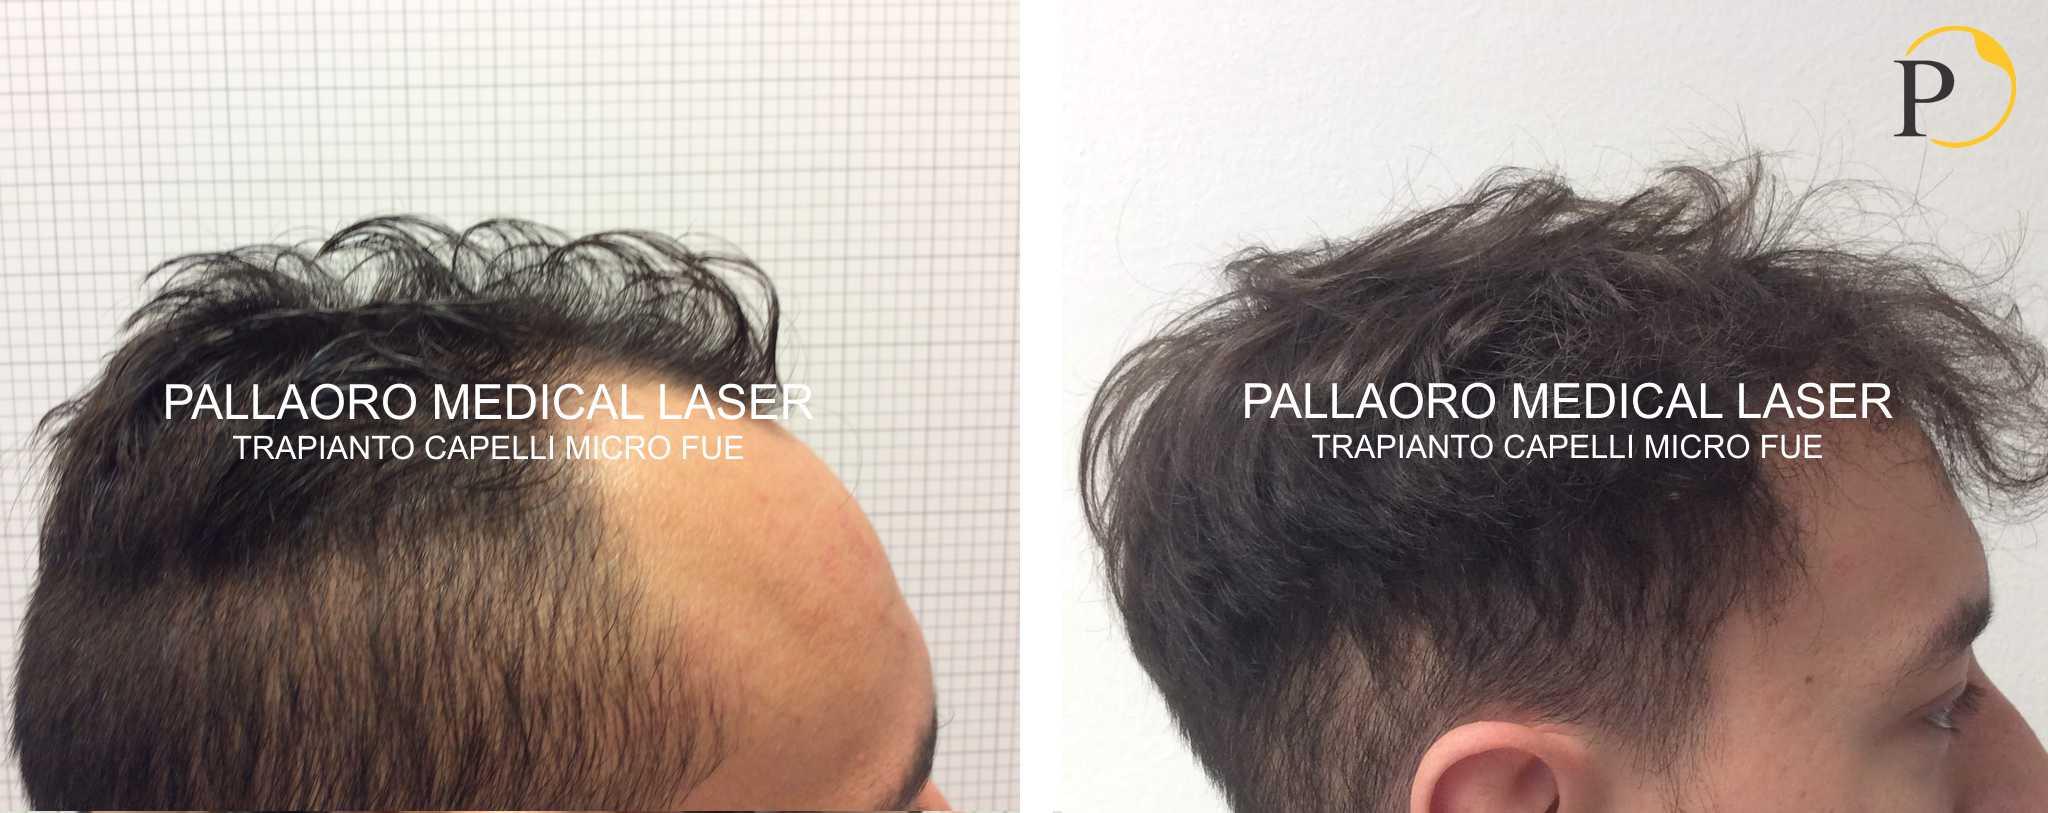 trapianto capelli 19-0603